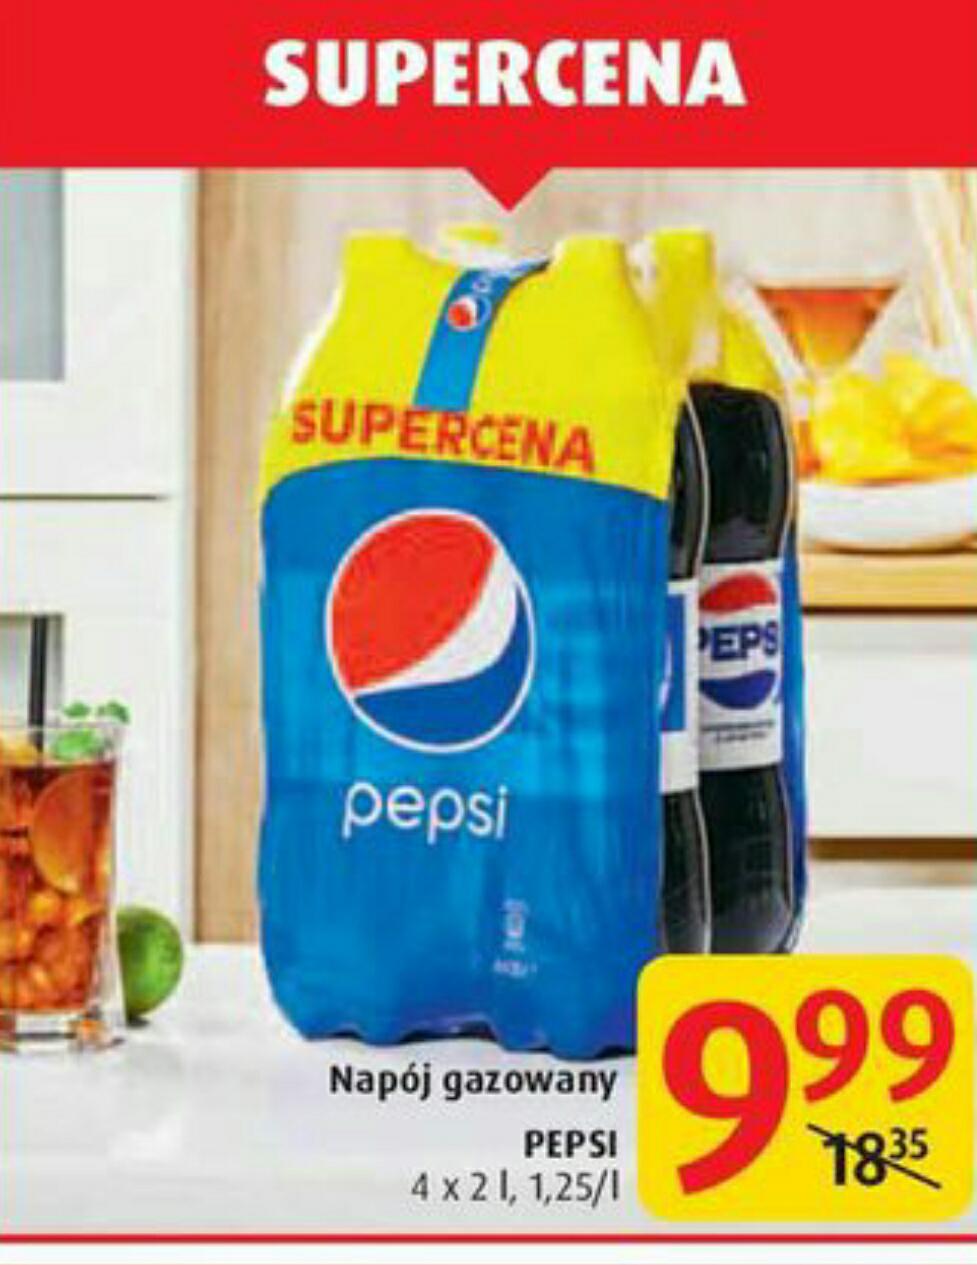 Pepsi 4x2l za 10zł w Carrefour